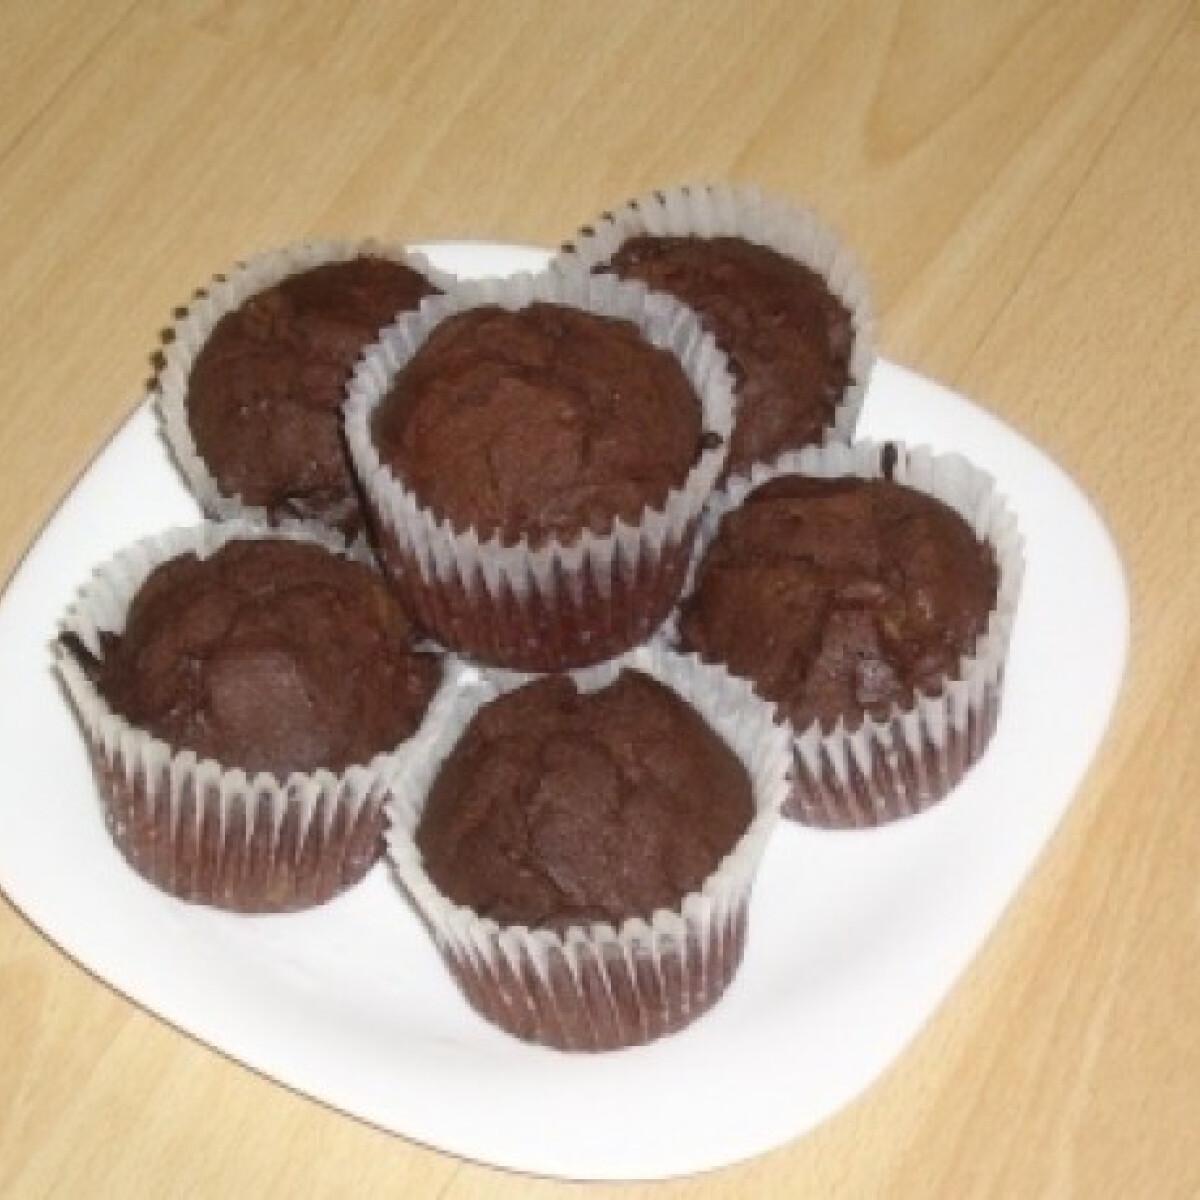 Ezen a képen: Hagyományos csokis muffin 2. (rumos-meggyes)